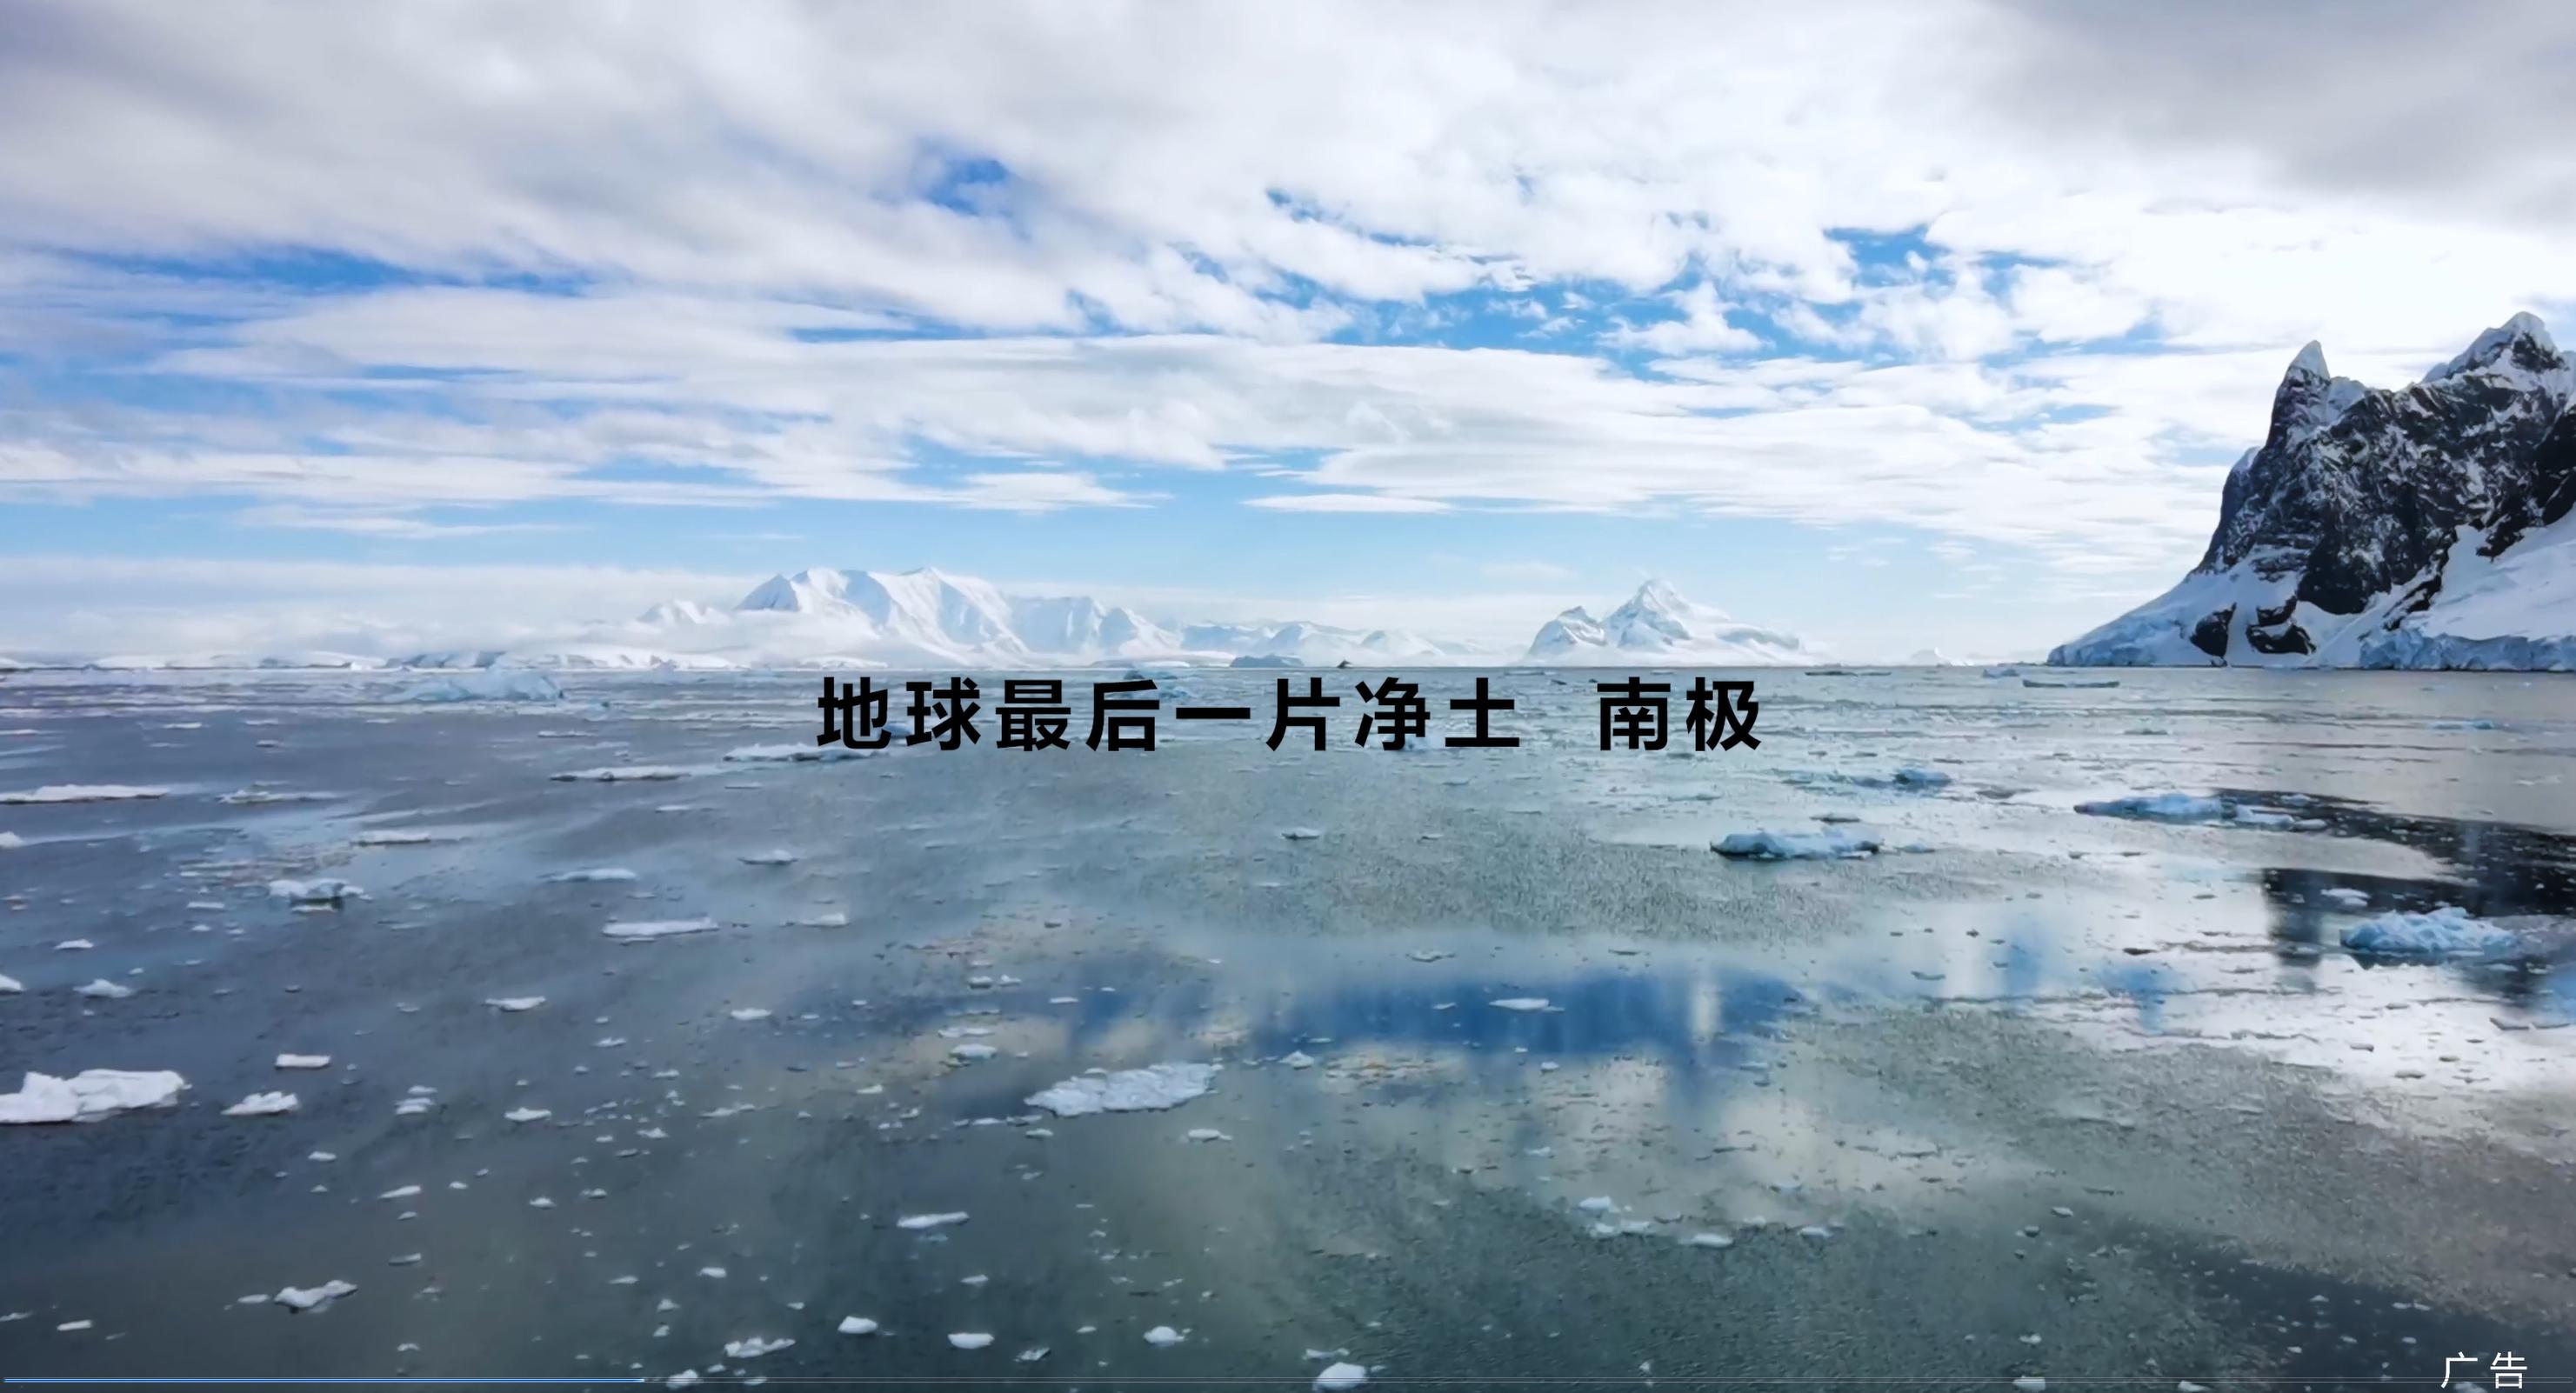 跟着学长一起手持#华为Mate30#Pro来探秘冰雪世界吧,华为Mate30系列-花粉俱乐部